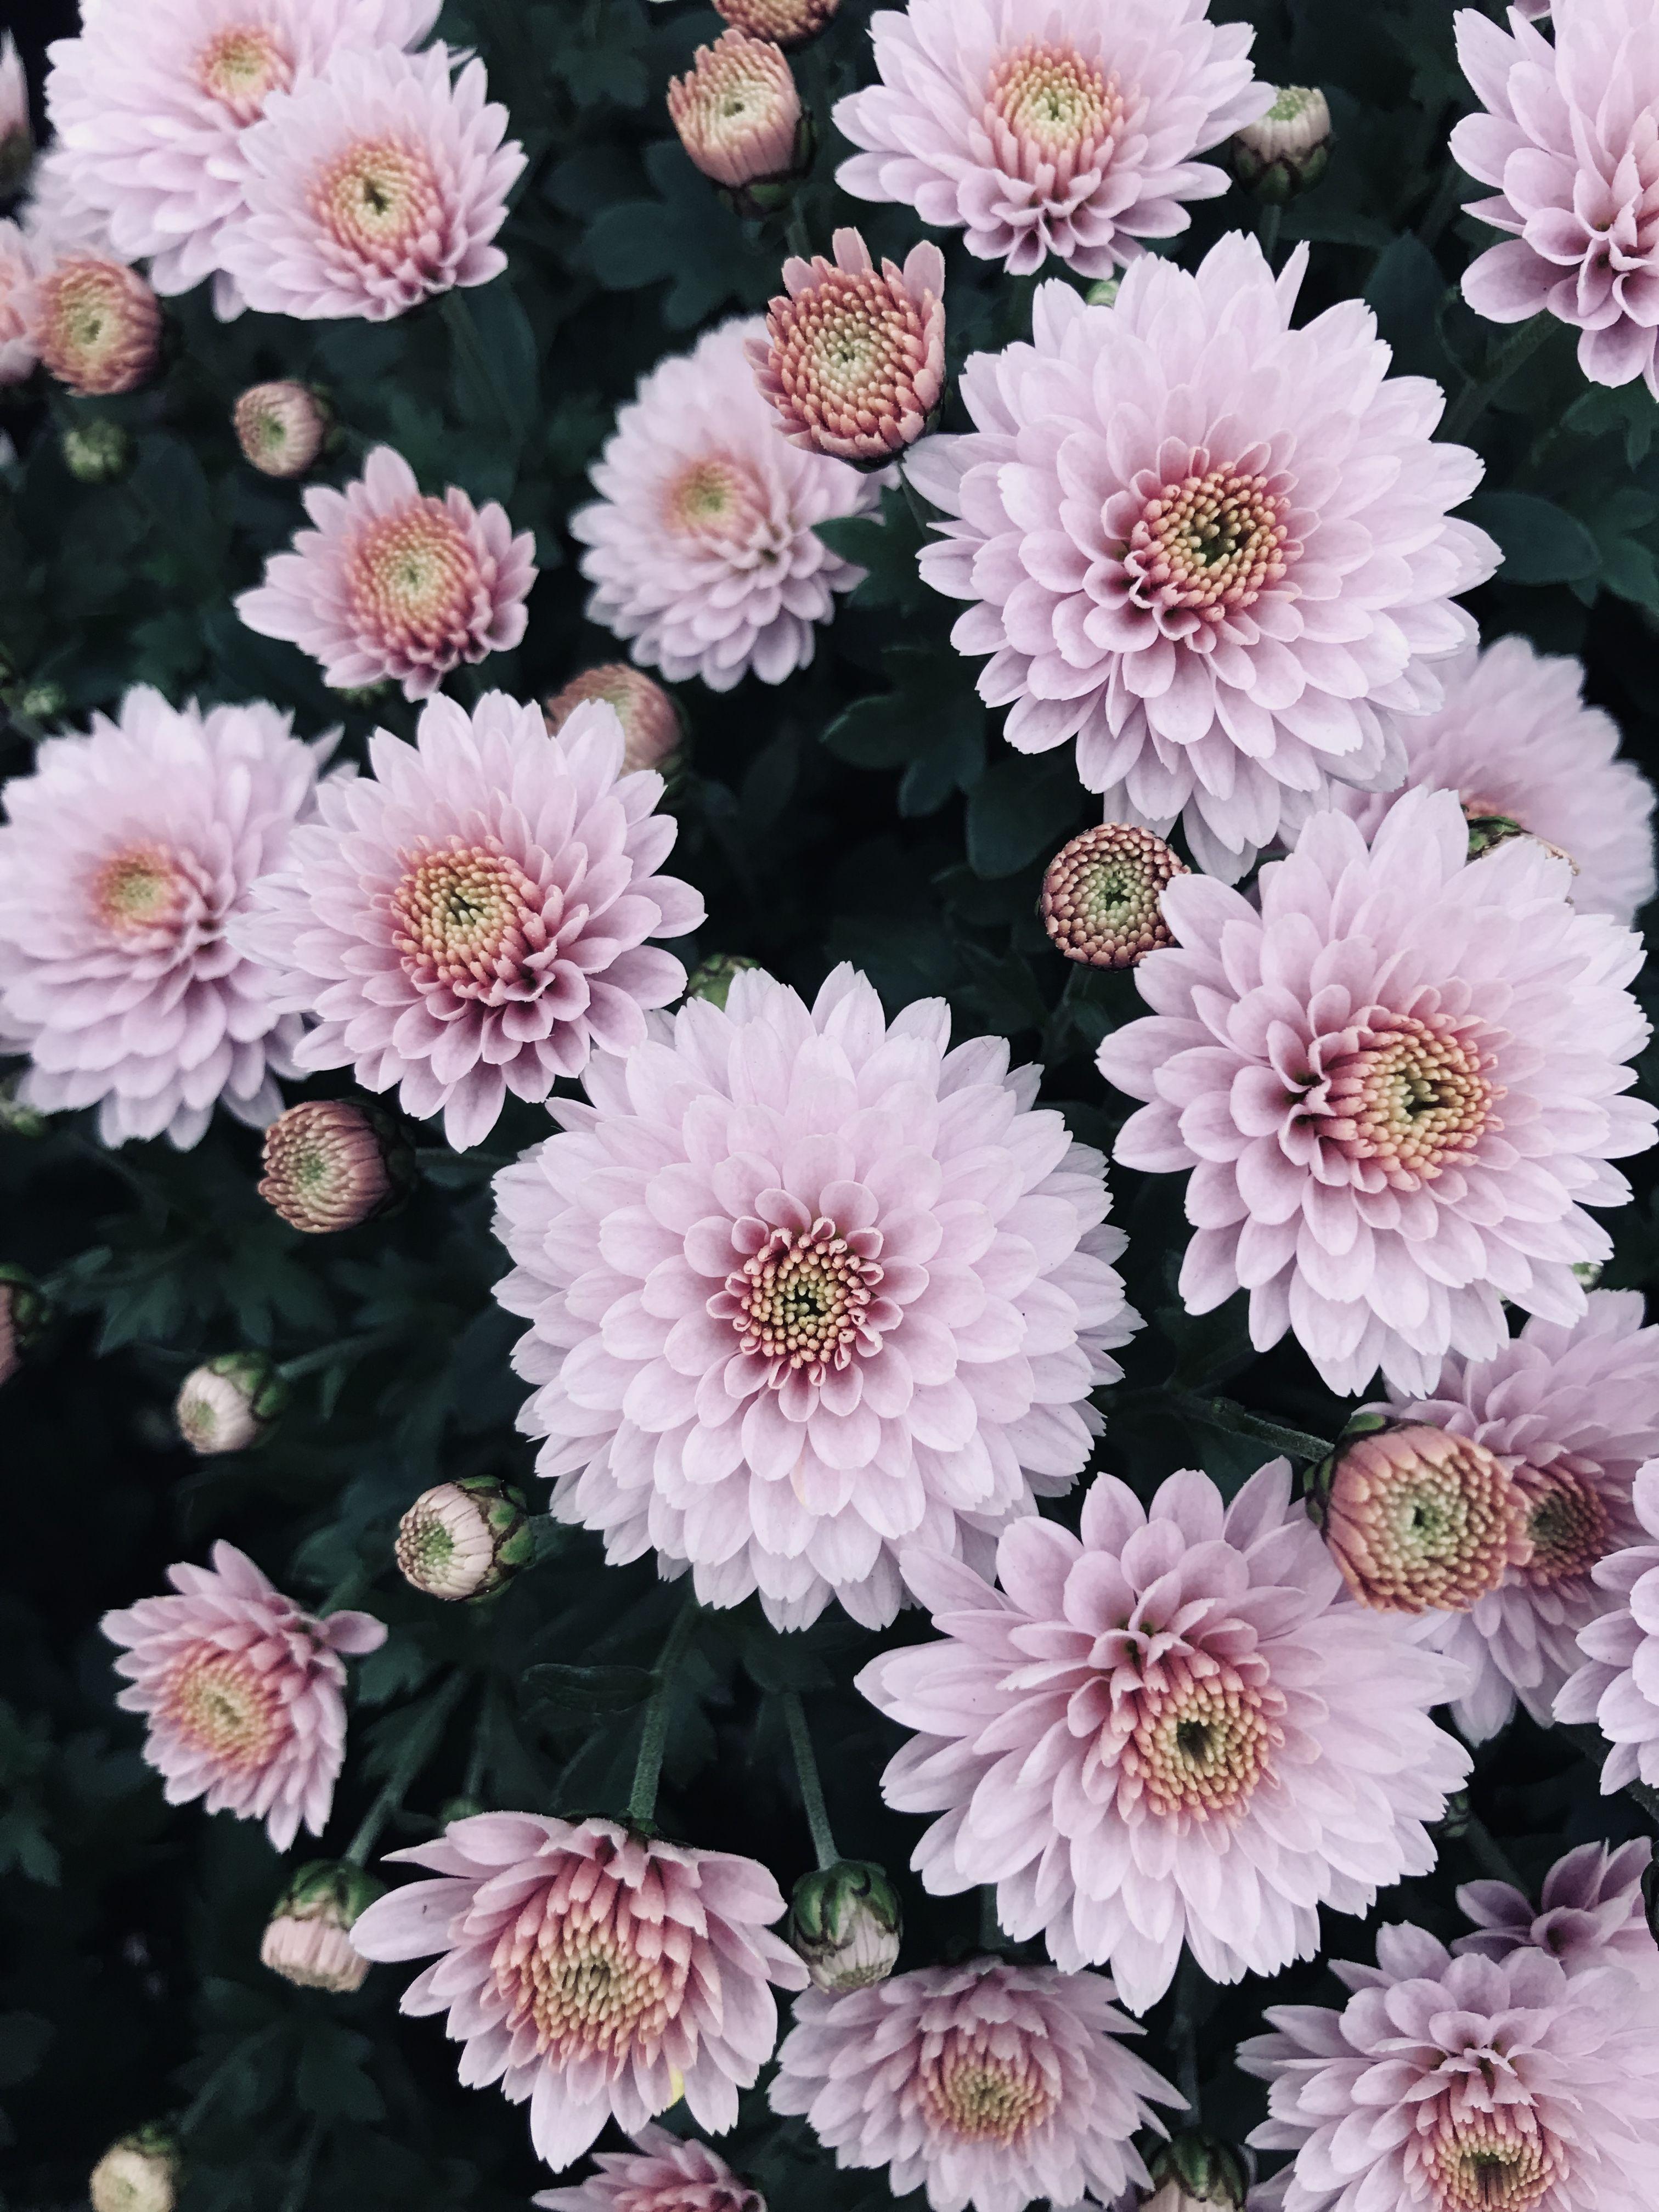 Dhalia Pinterest Natalia Escano Flower Phone Wallpaper Flower Wallpaper Chrysanthemum Flower Coolest chrysanthemum flower wallpaper